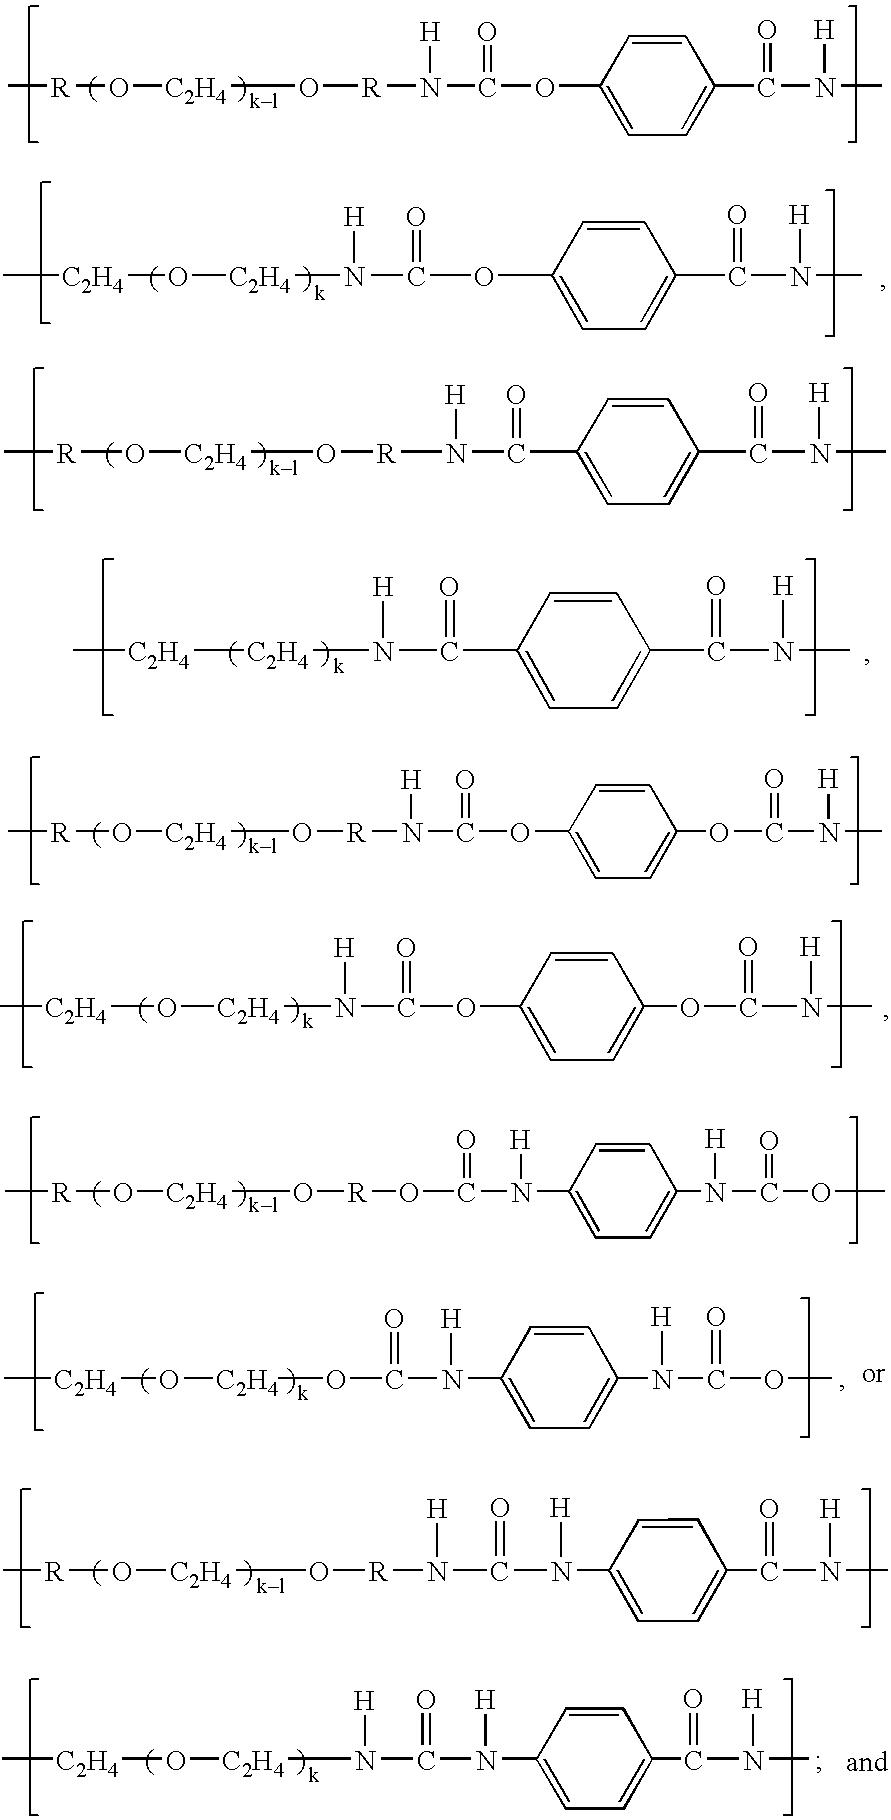 Figure US20050137381A1-20050623-C00050